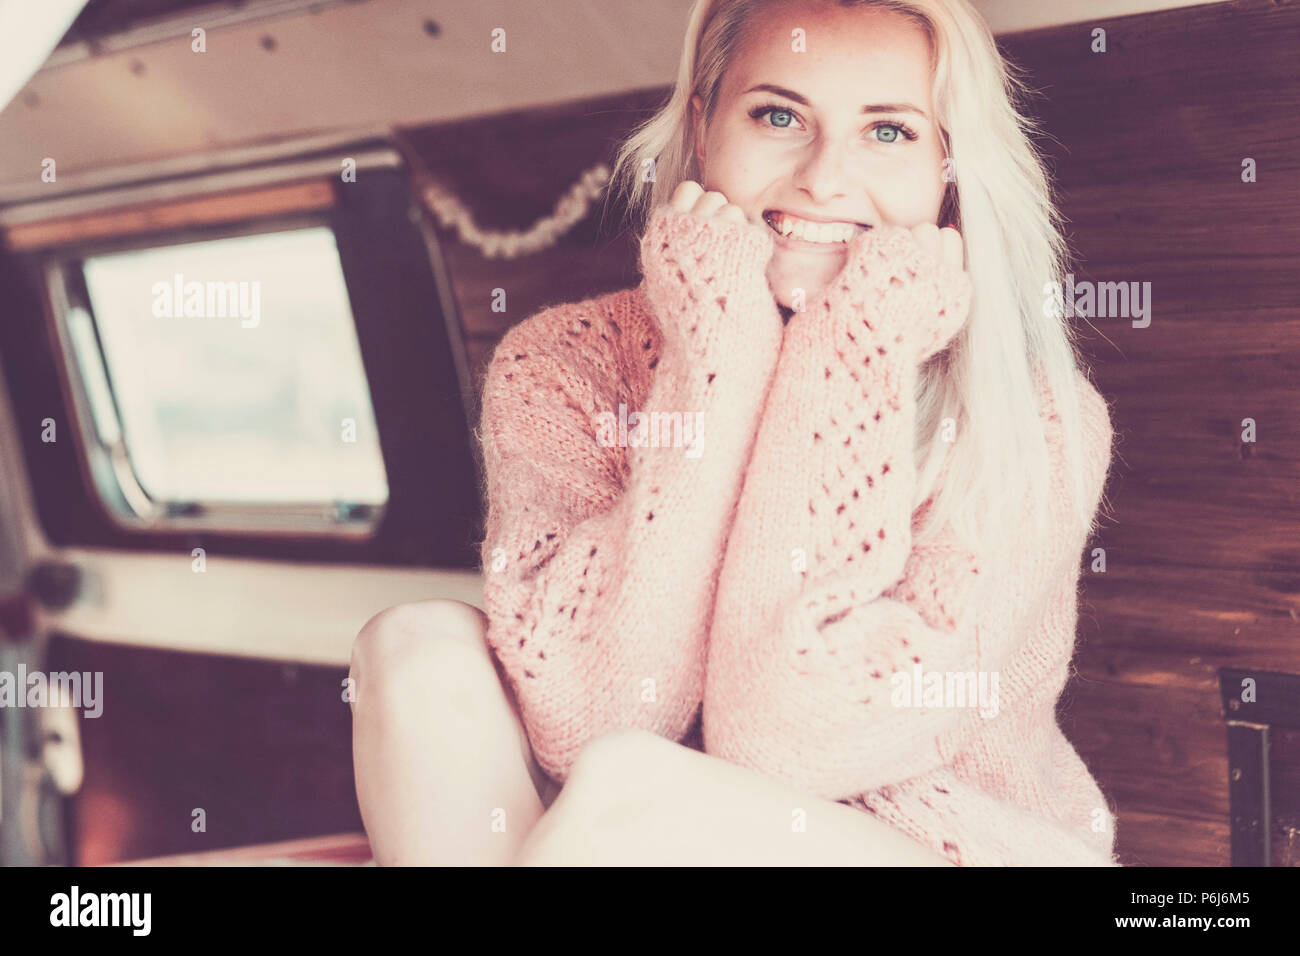 Hermosa Rubia modelo de color blanco de la piel con la belleza caucásica cara sonría usted mirando la cámara. Siéntese en una camioneta con madera interior listo para viajar Imagen De Stock